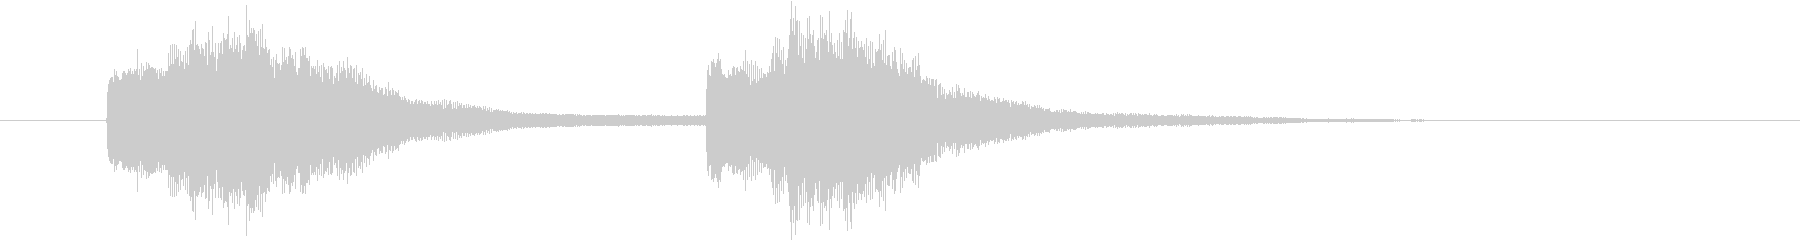 サウンドロゴ_企業系02の未再生の波形